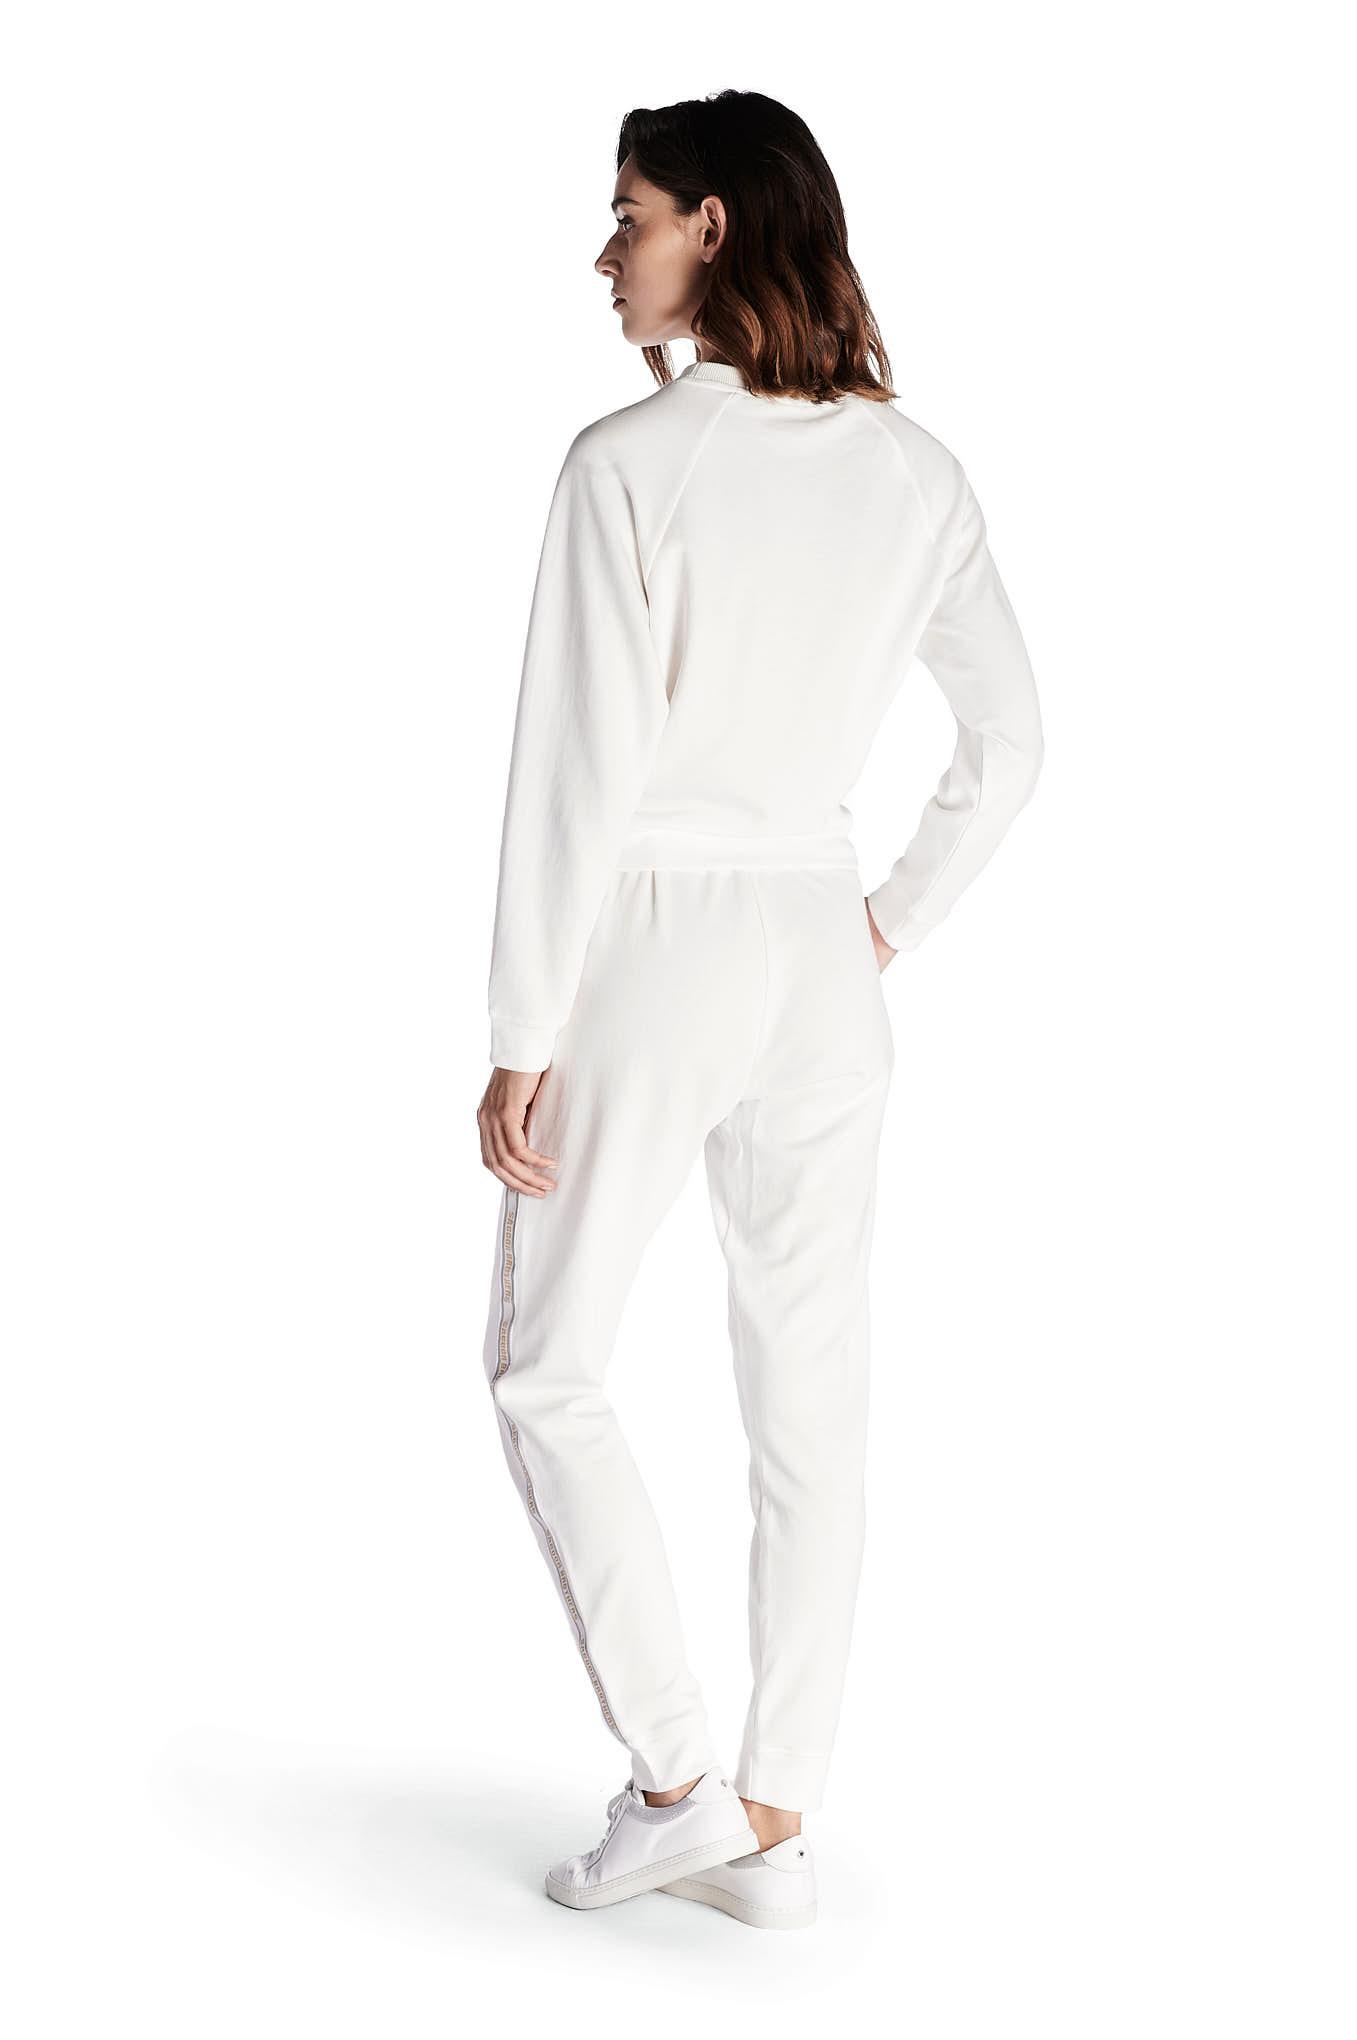 Sweatshirt Ecru Casual Woman